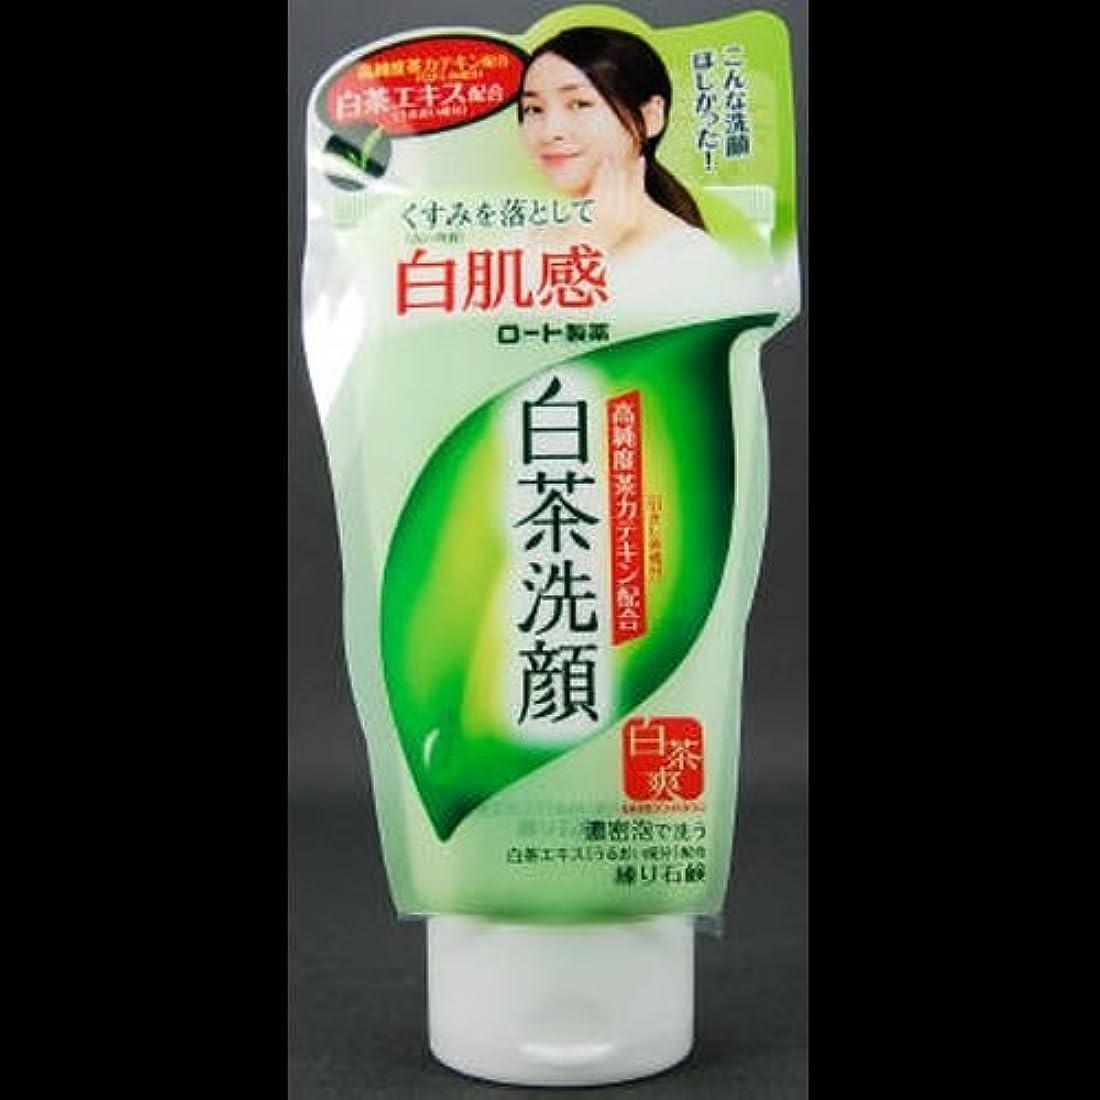 かもめ一見アミューズ【まとめ買い】白茶爽 白茶練り石鹸 ×2セット